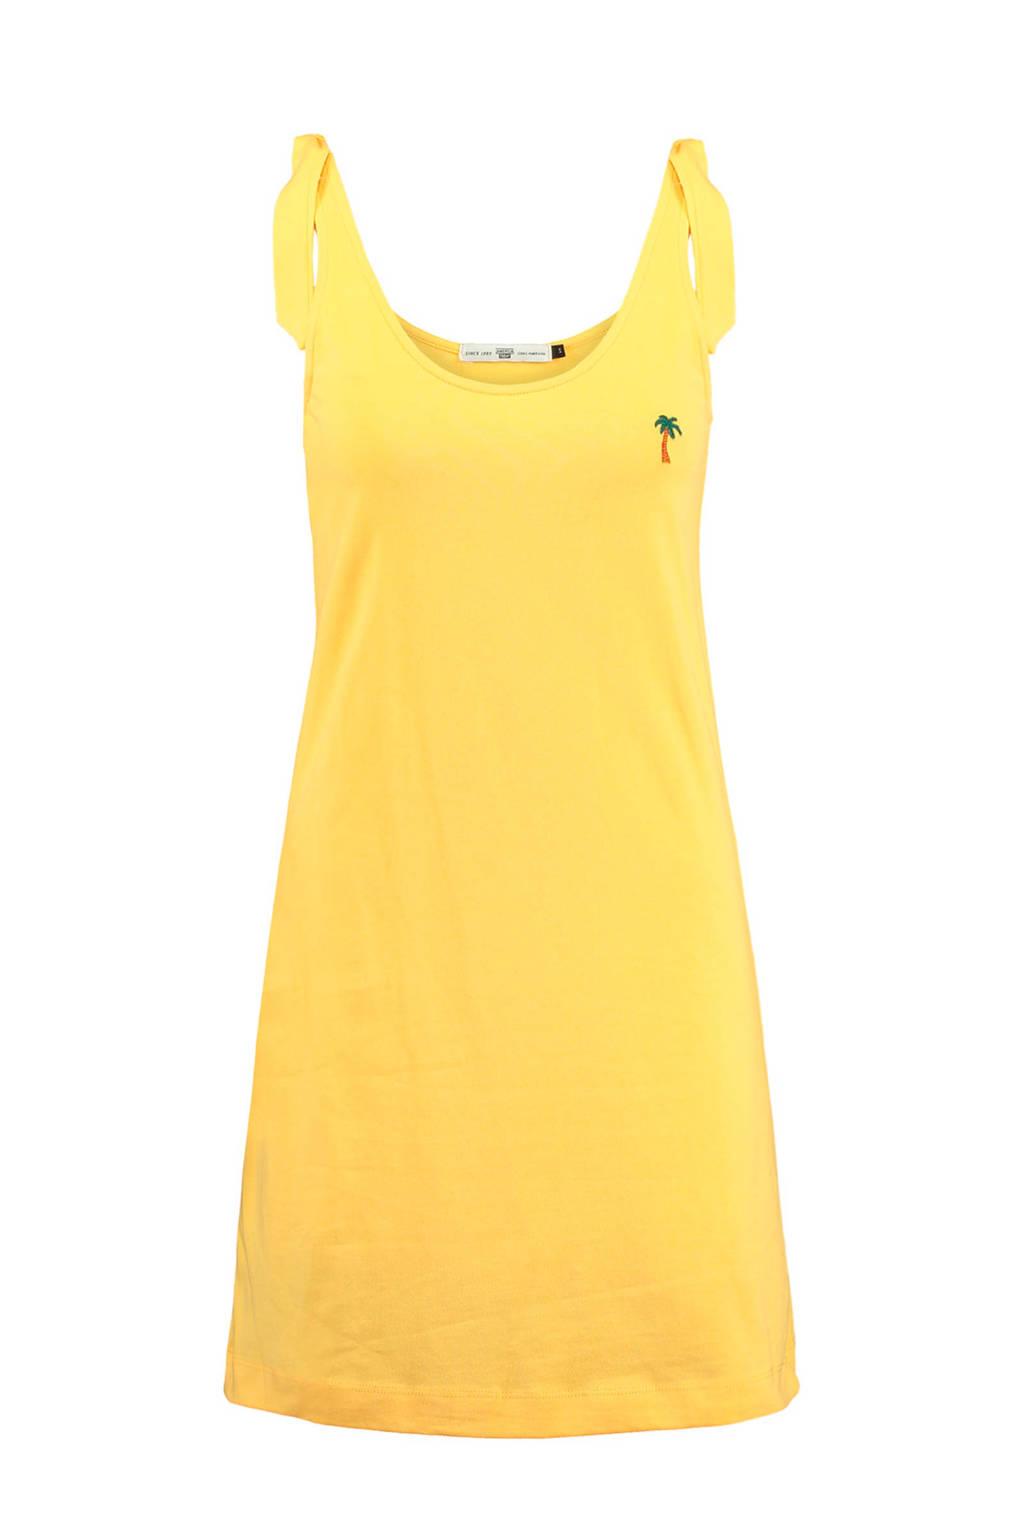 America Today Dacey jurk geel, Geel